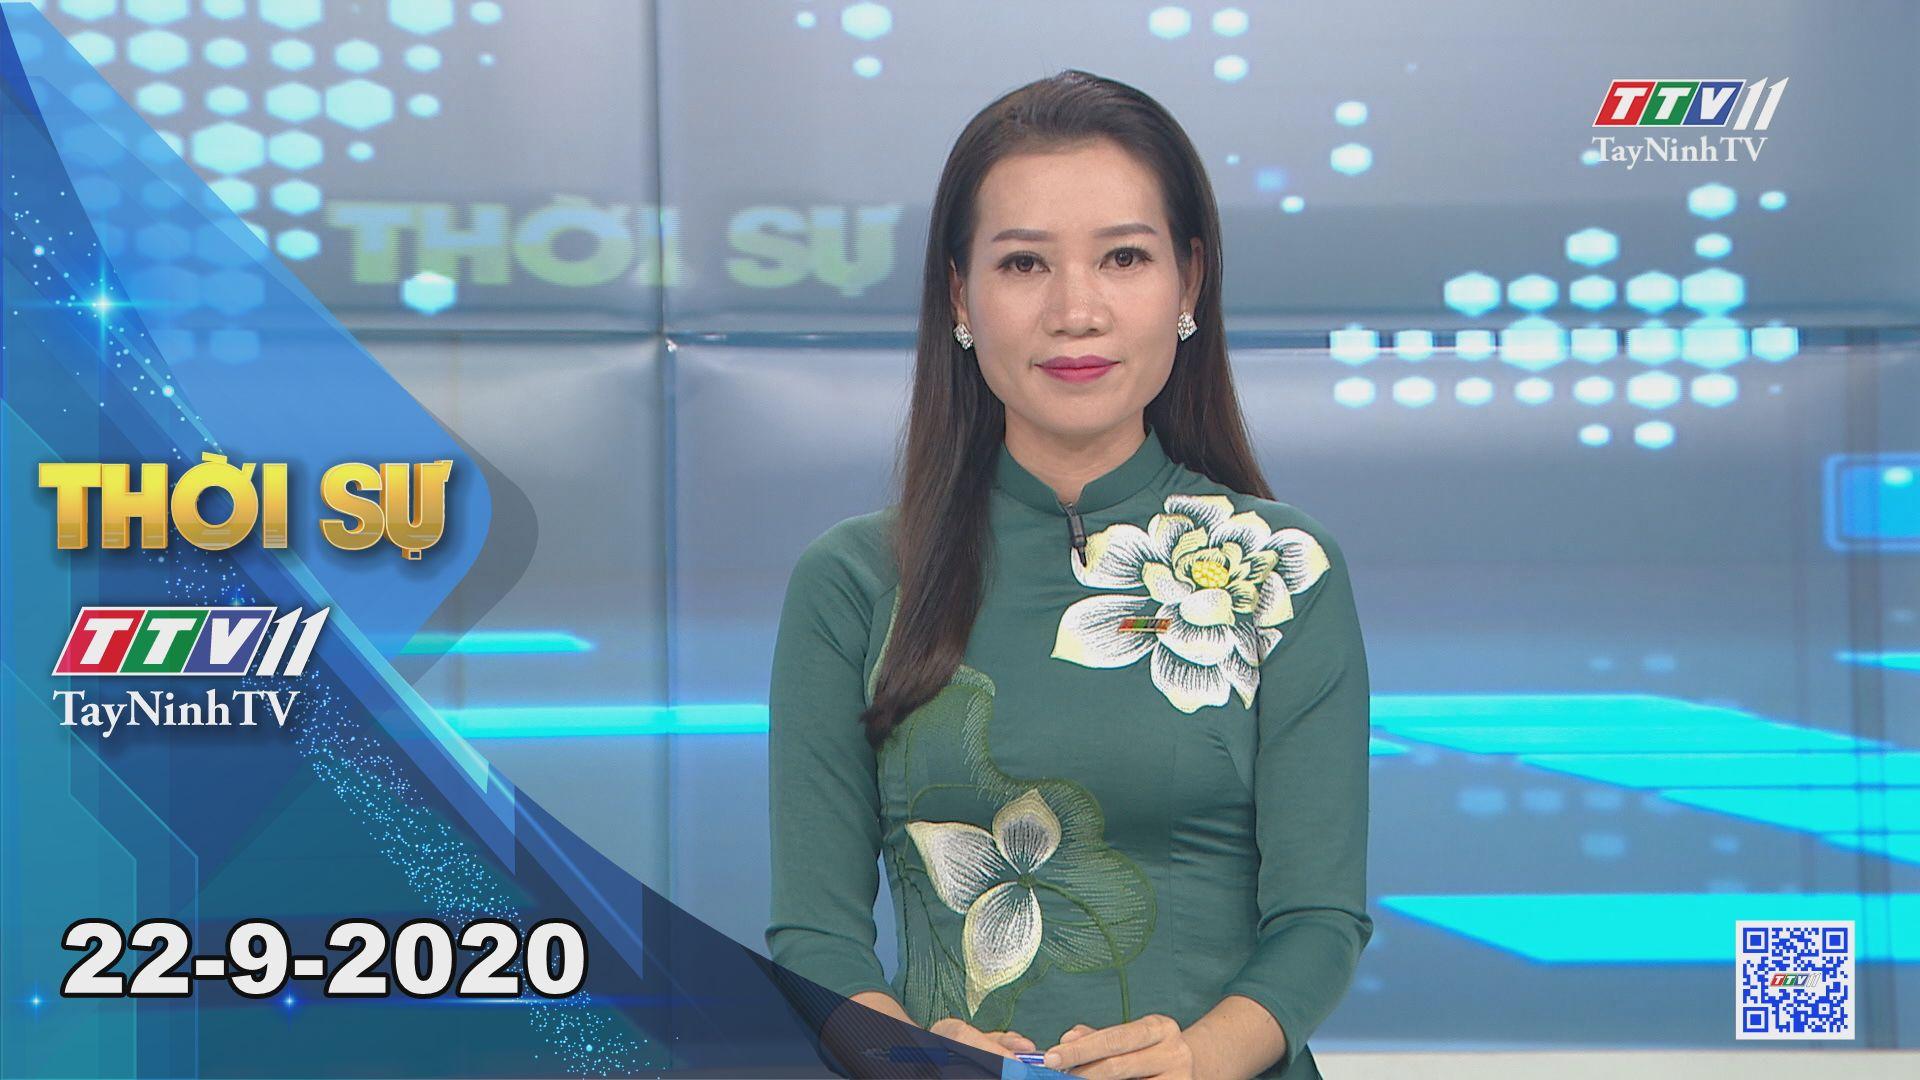 Thời sự Tây Ninh 22-9-2020 | Tin tức hôm nay | TayNinhTV